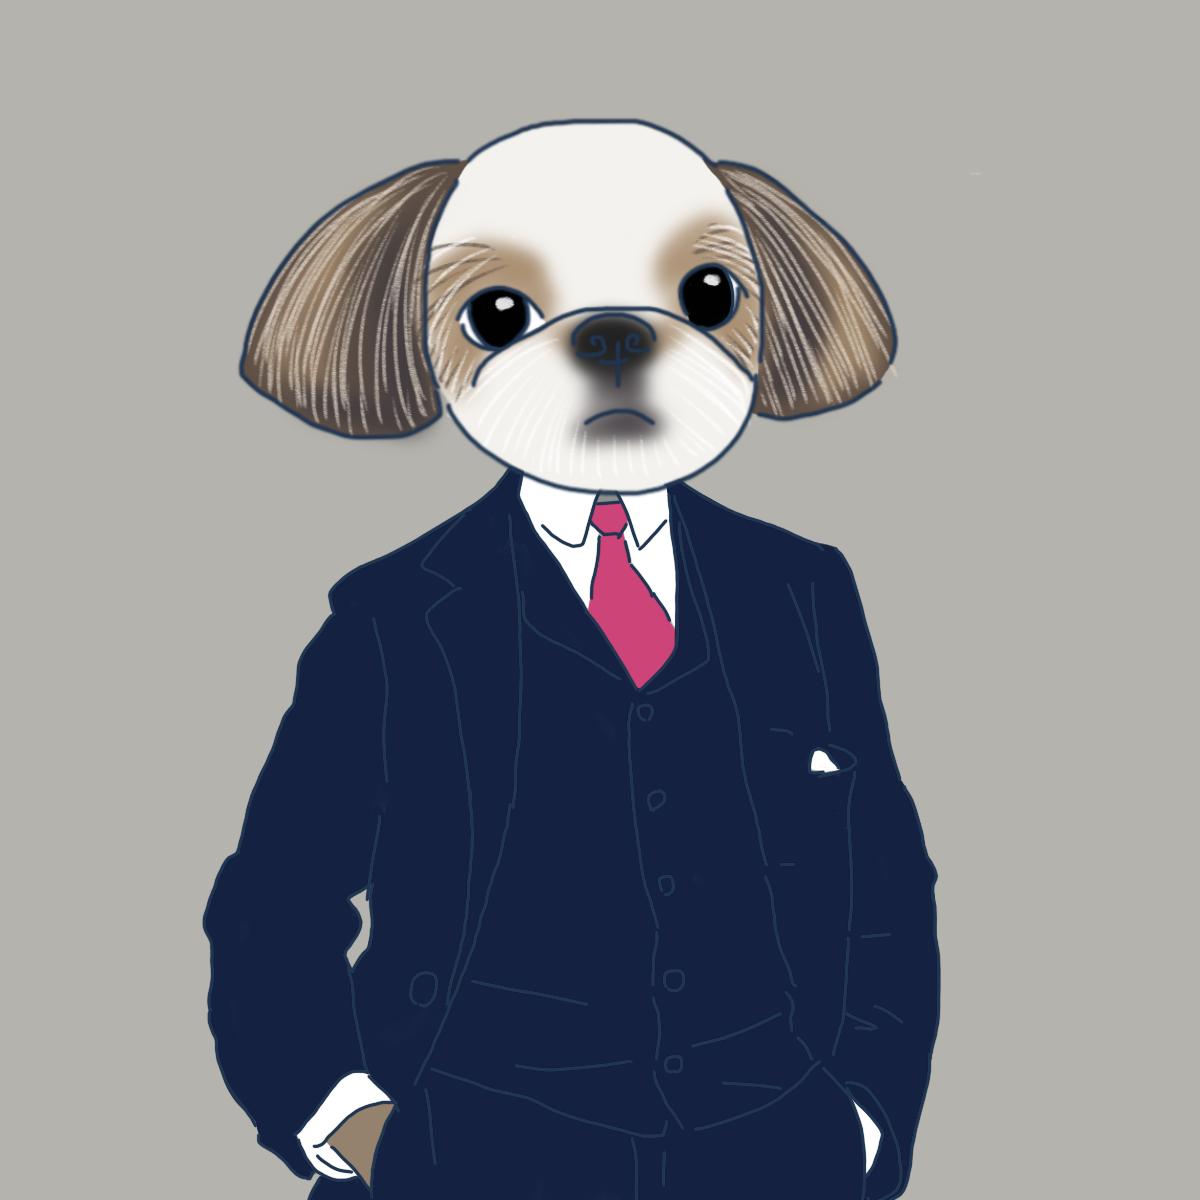 シーズー 犬 イラスト スーツ